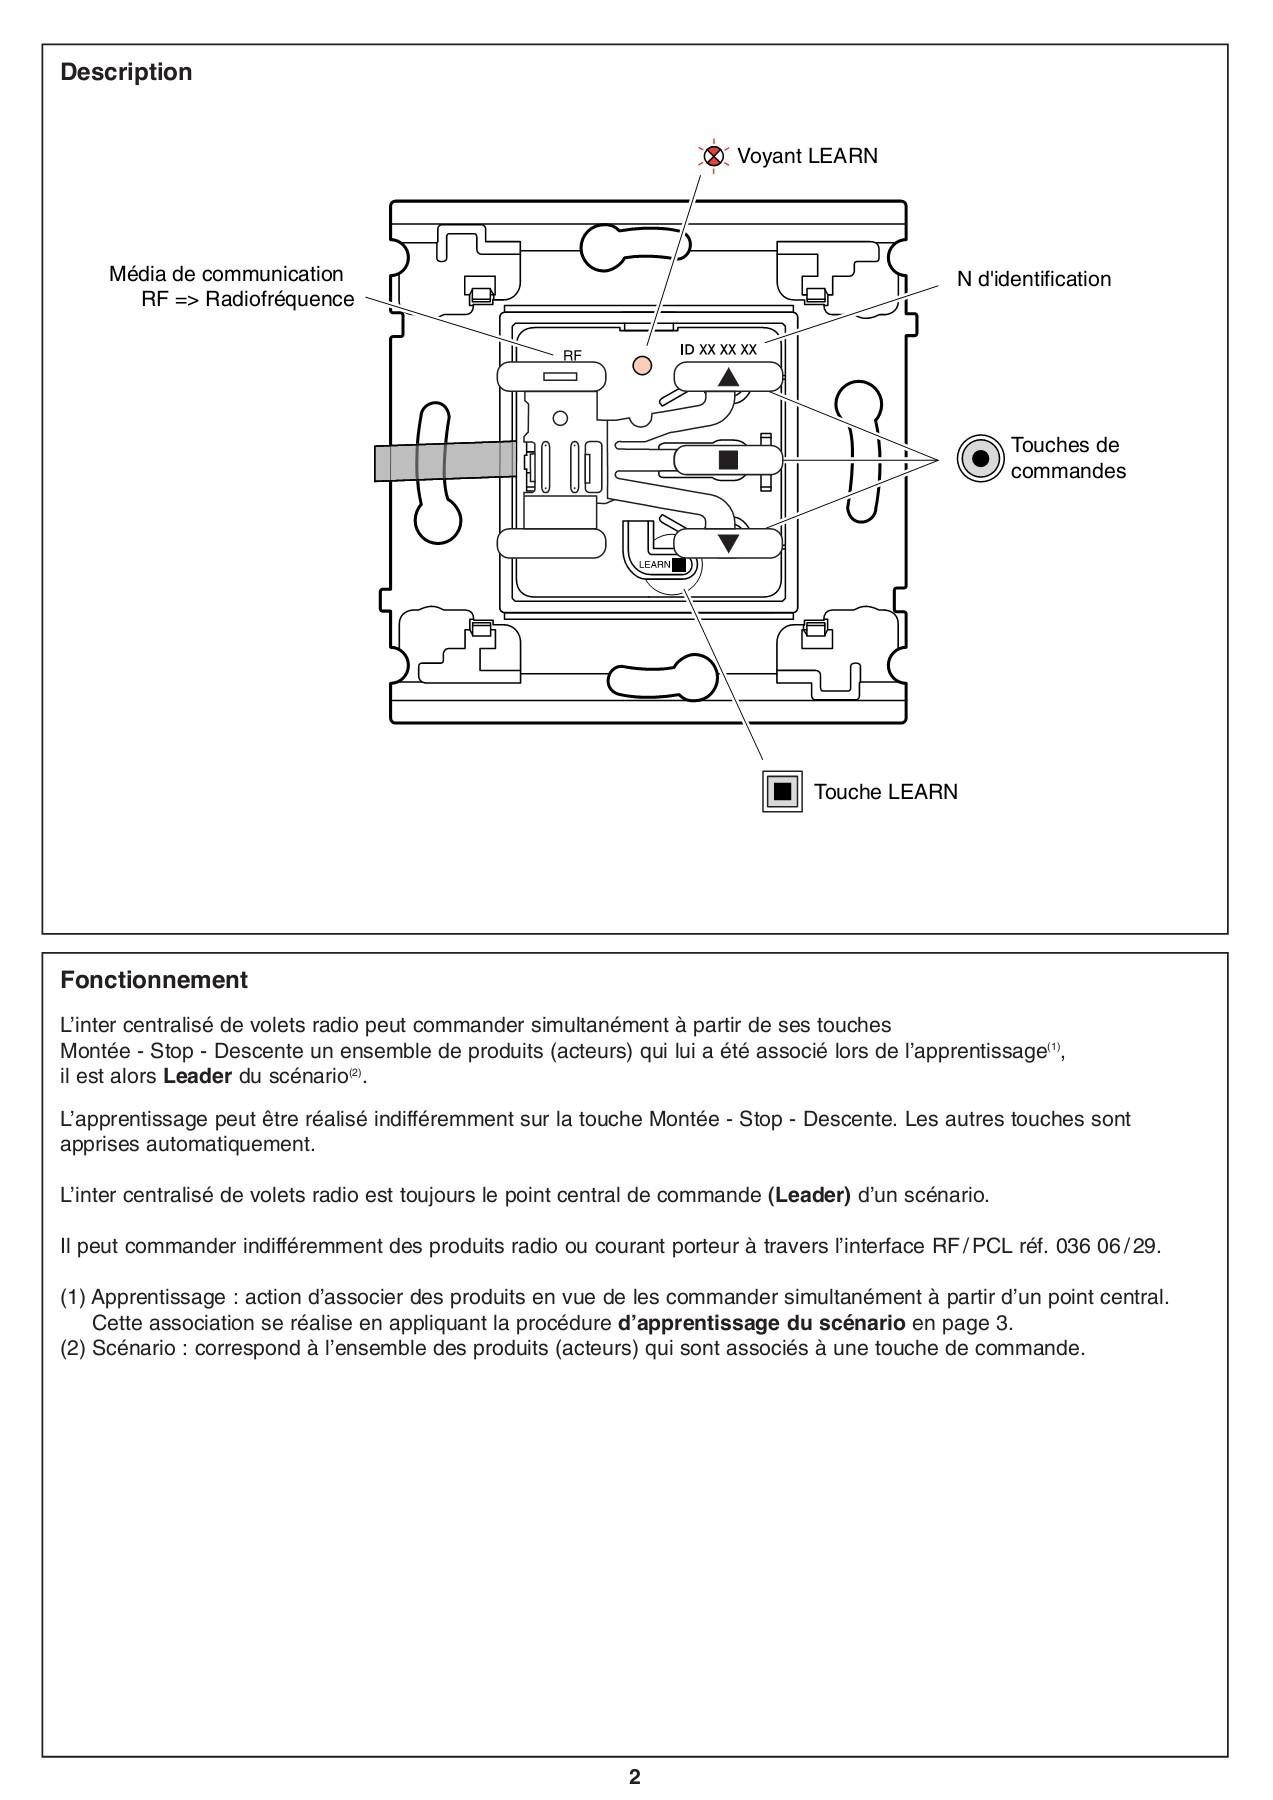 Sagane Inter Centralise De Volets Radio 845 44 Pages 1 8 Flip Pdf Download Fliphtml5